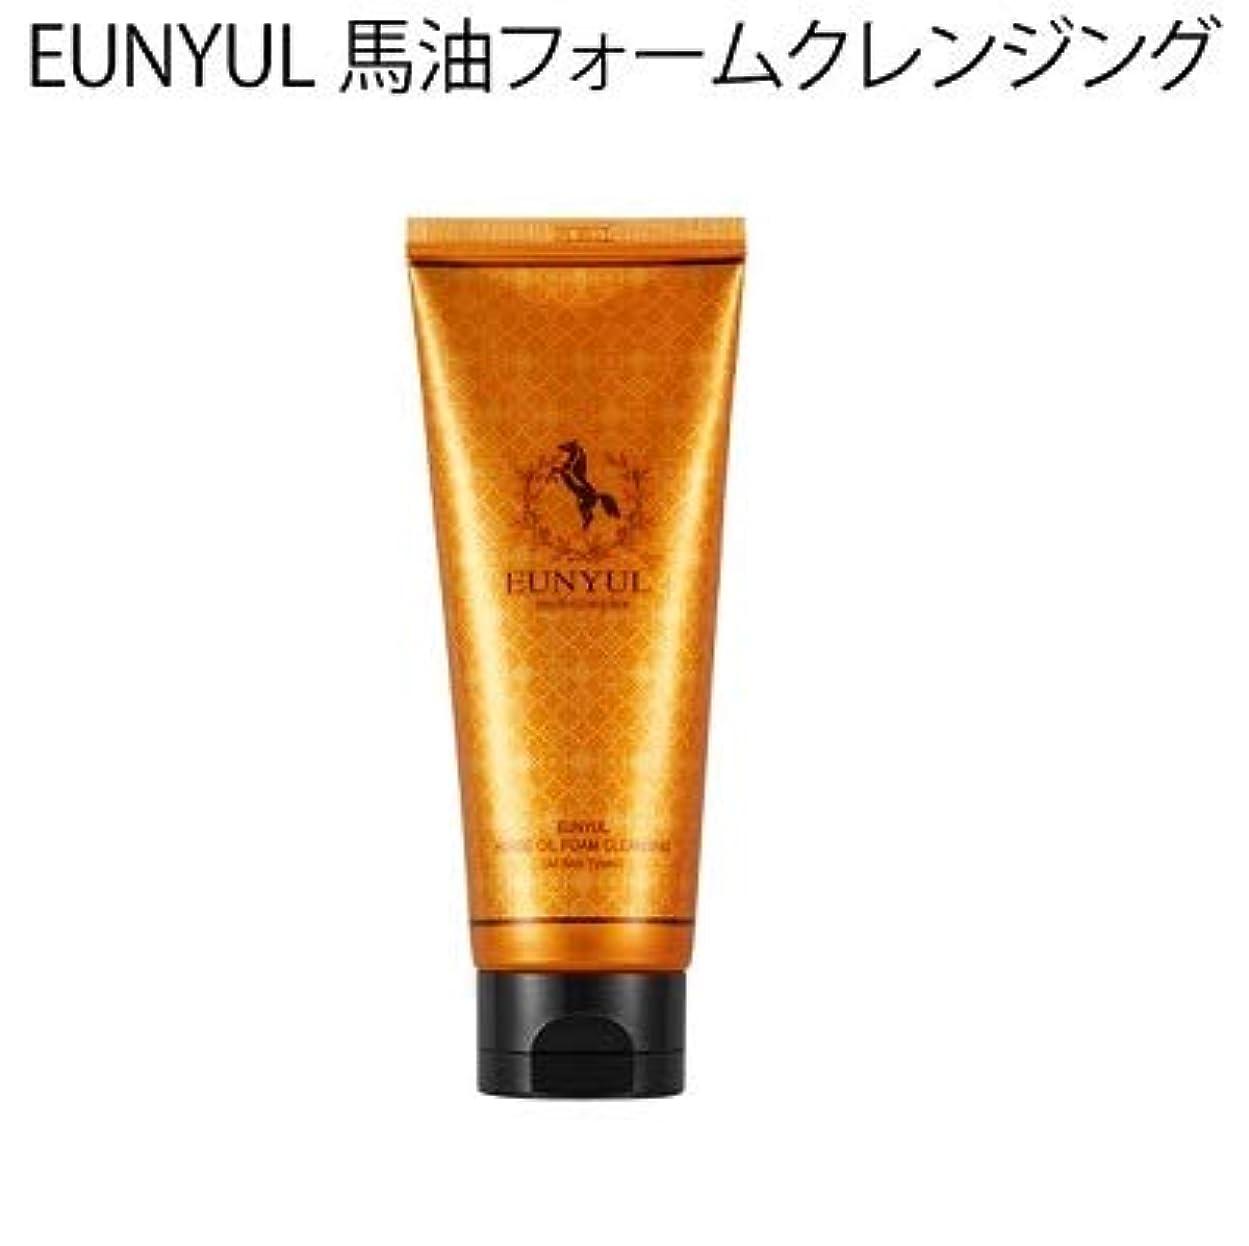 スピーチ居間木曜日韓国 EUNYUL 馬油フォームクレンジング 洗顔フォーム(150ml)